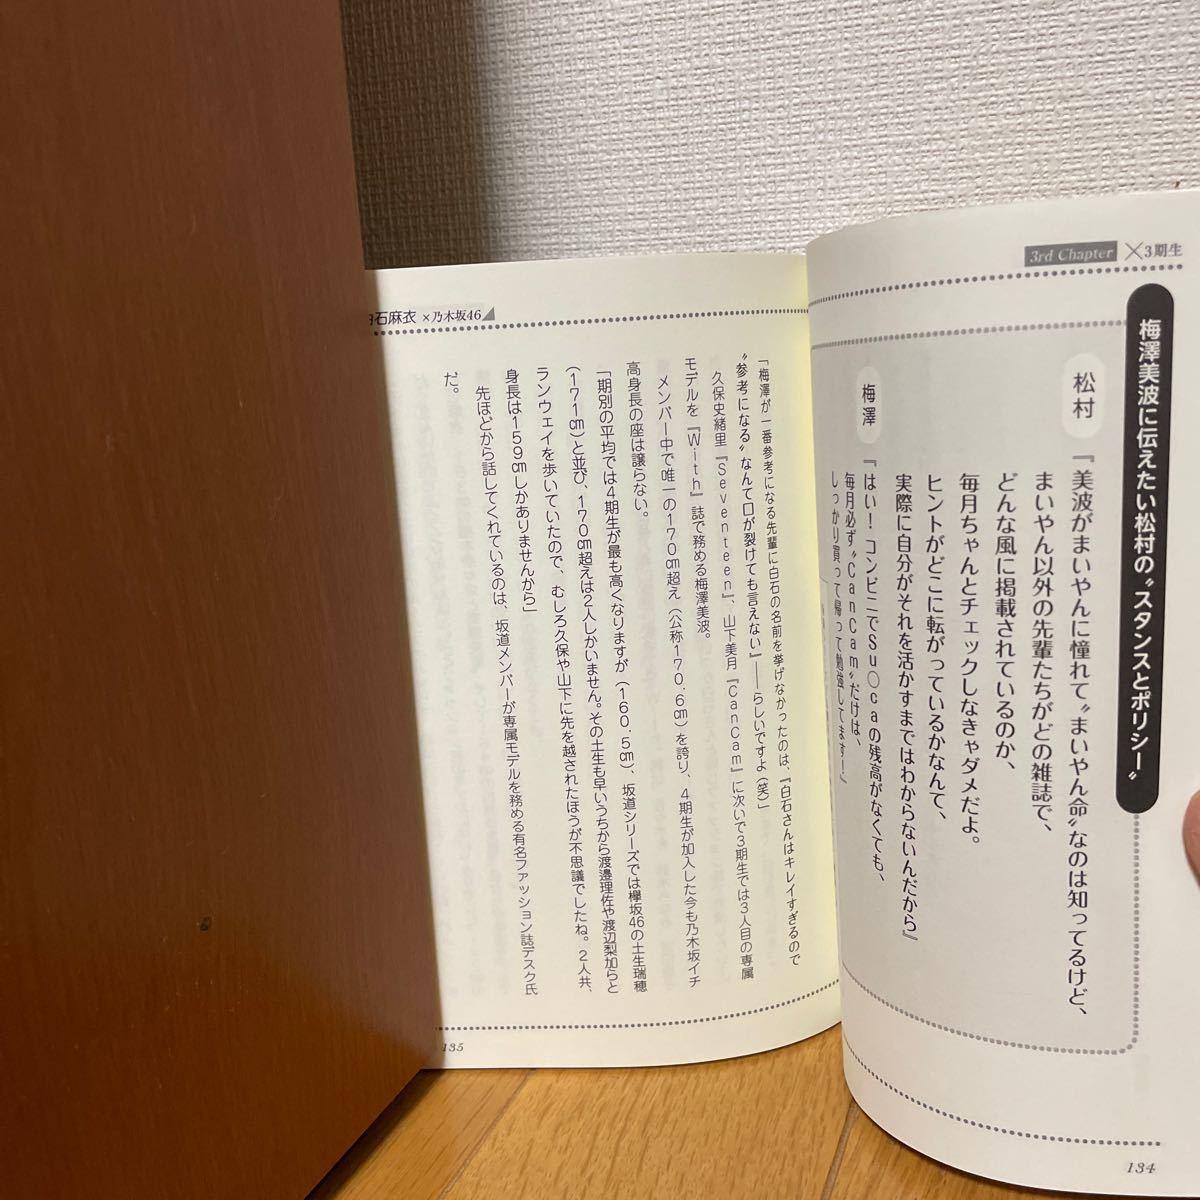 白石麻衣×乃木坂46 坂道の向こう側へ/藤井祐二 太陽出版